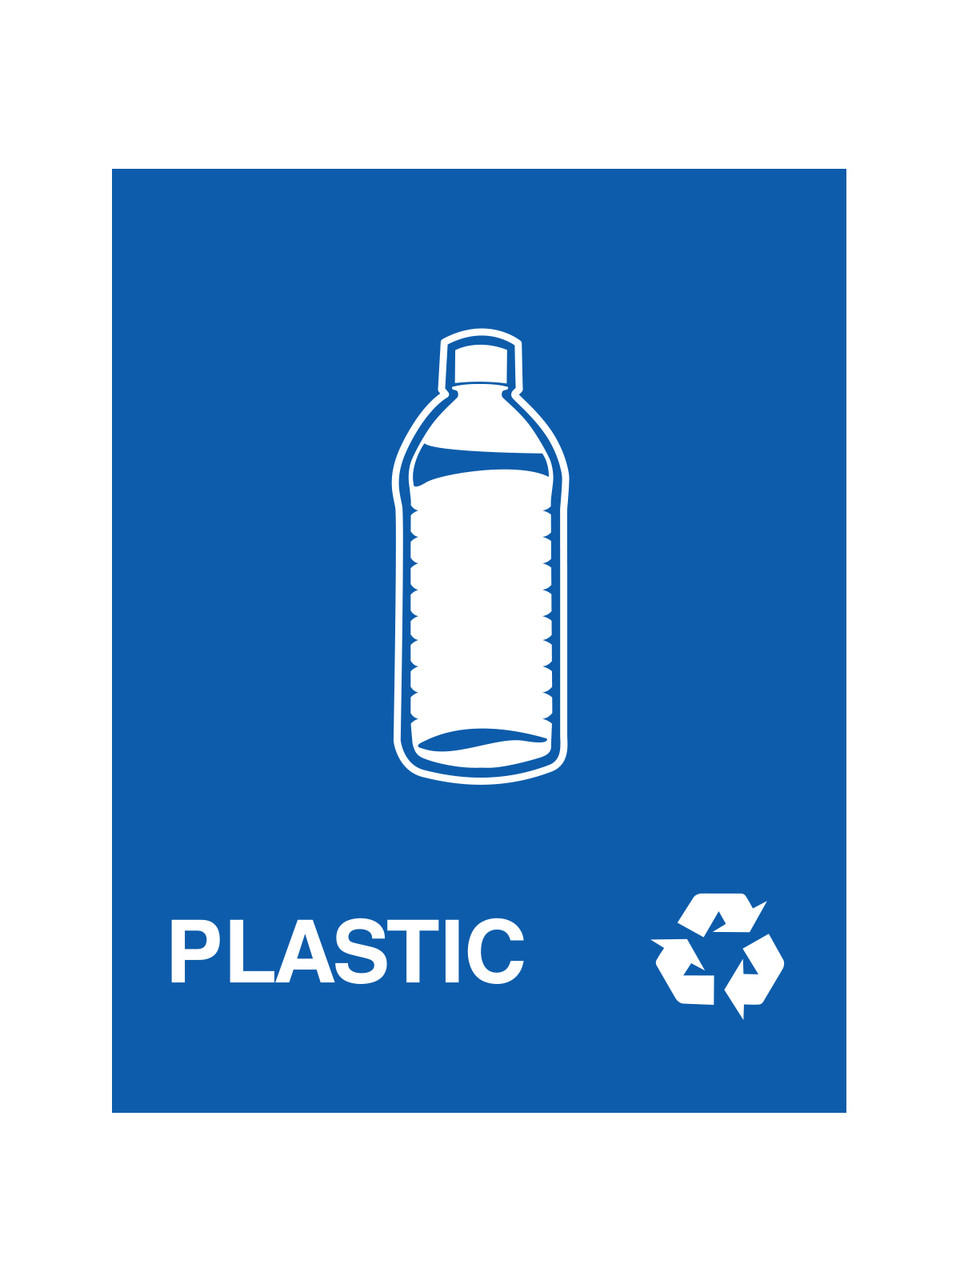 PLASTIC (BLUE)